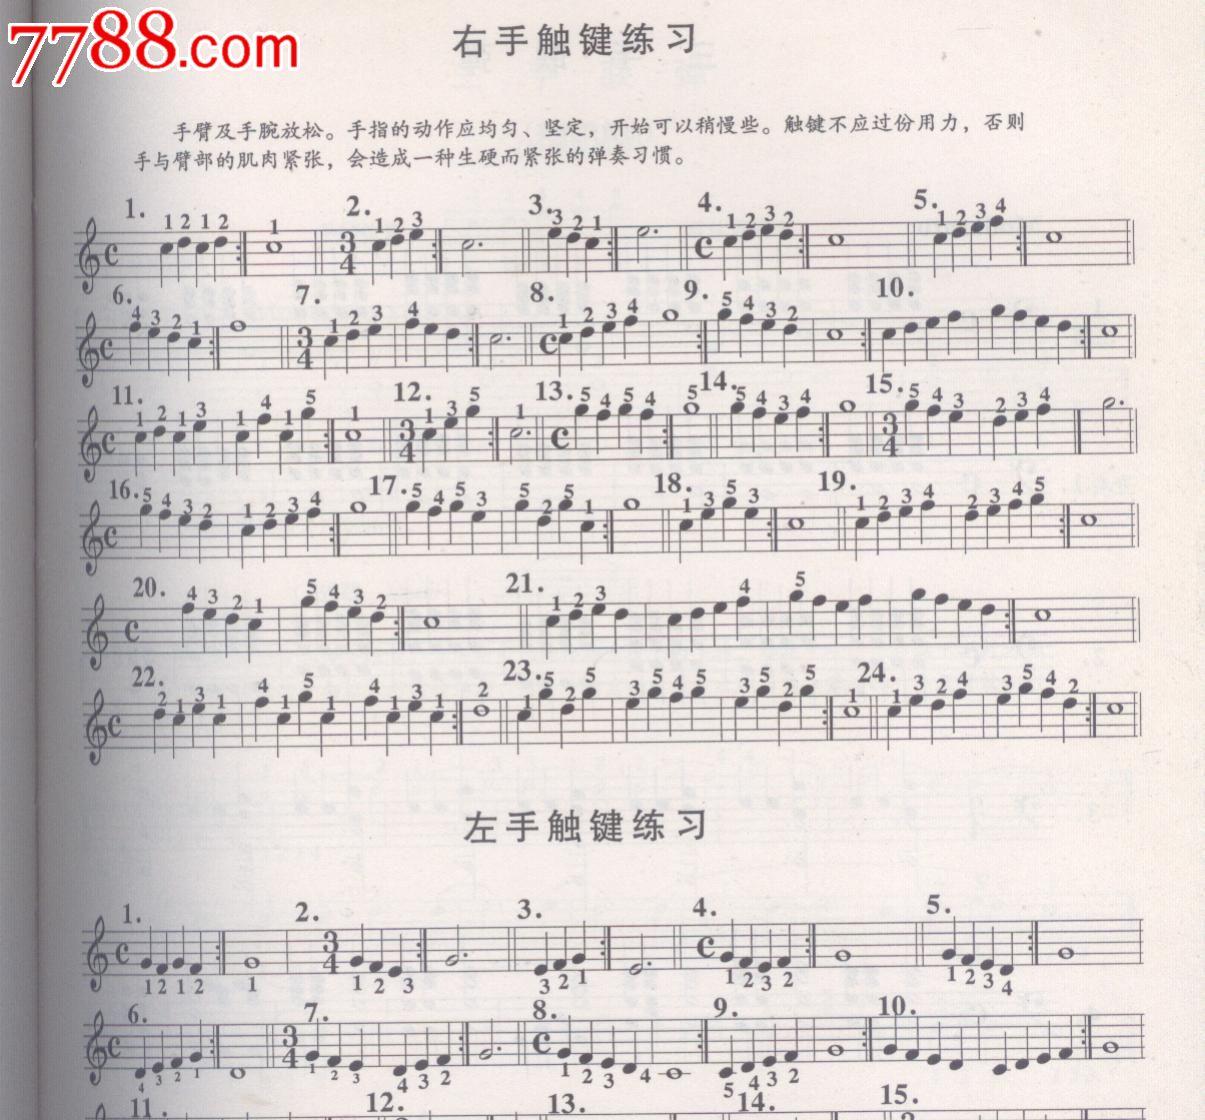 拜厄钢琴基本教程(教学版)图片